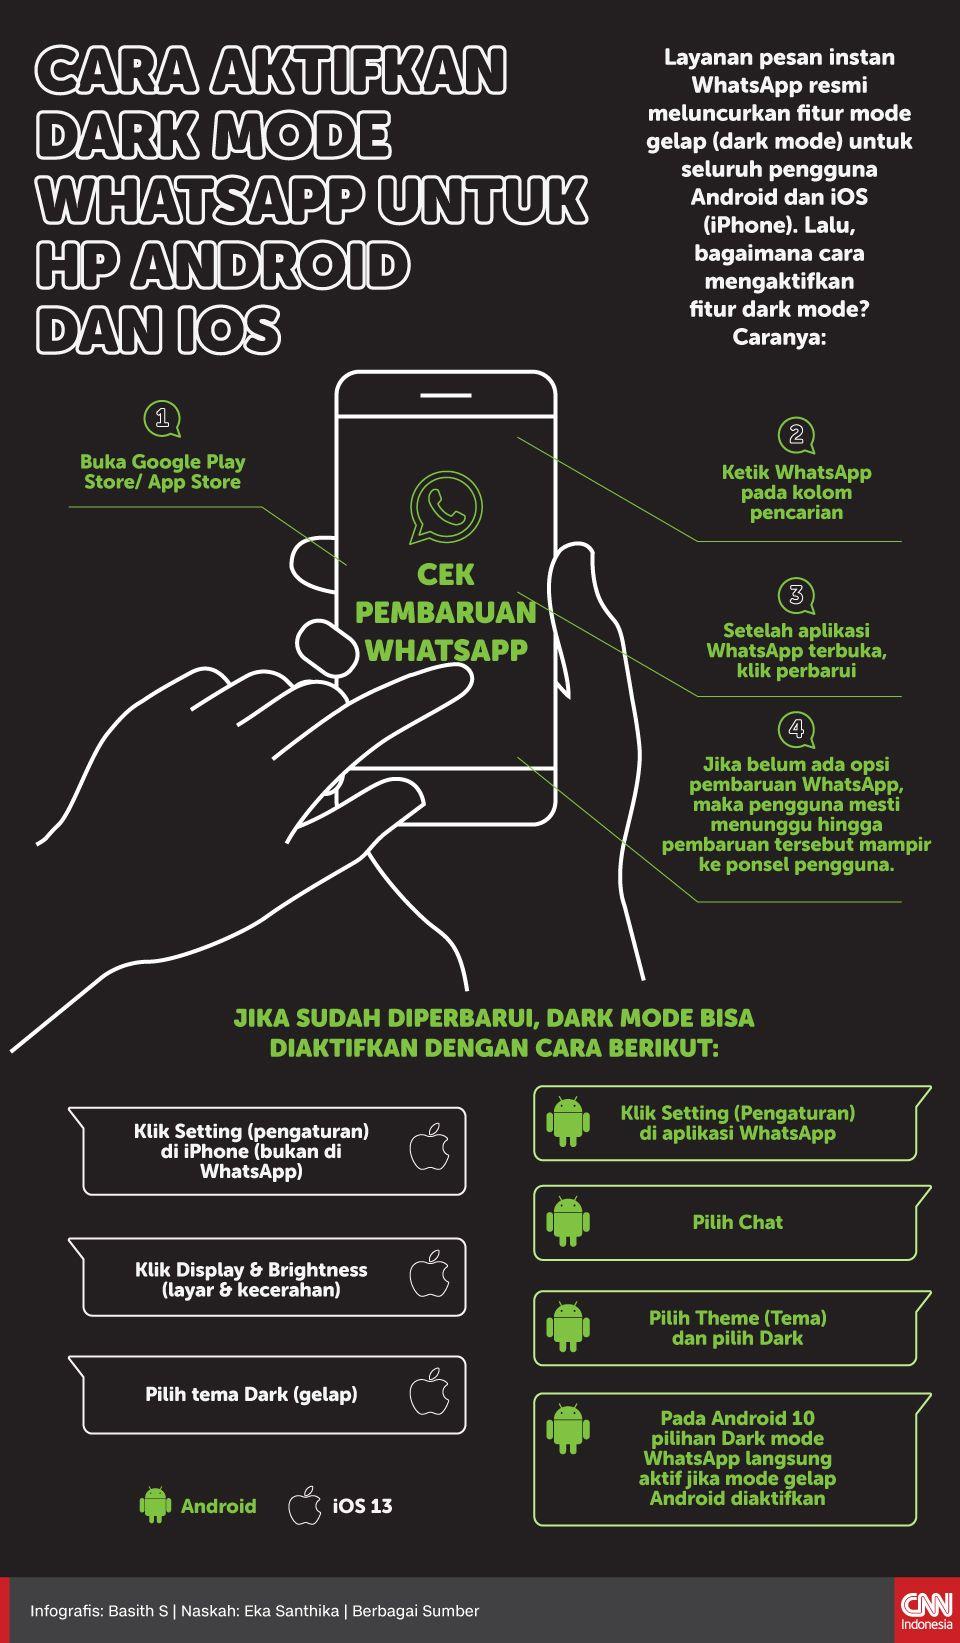 Cara Aktifkan Dark Mode Whatsapp Pesan Instan Ponsel Gelap